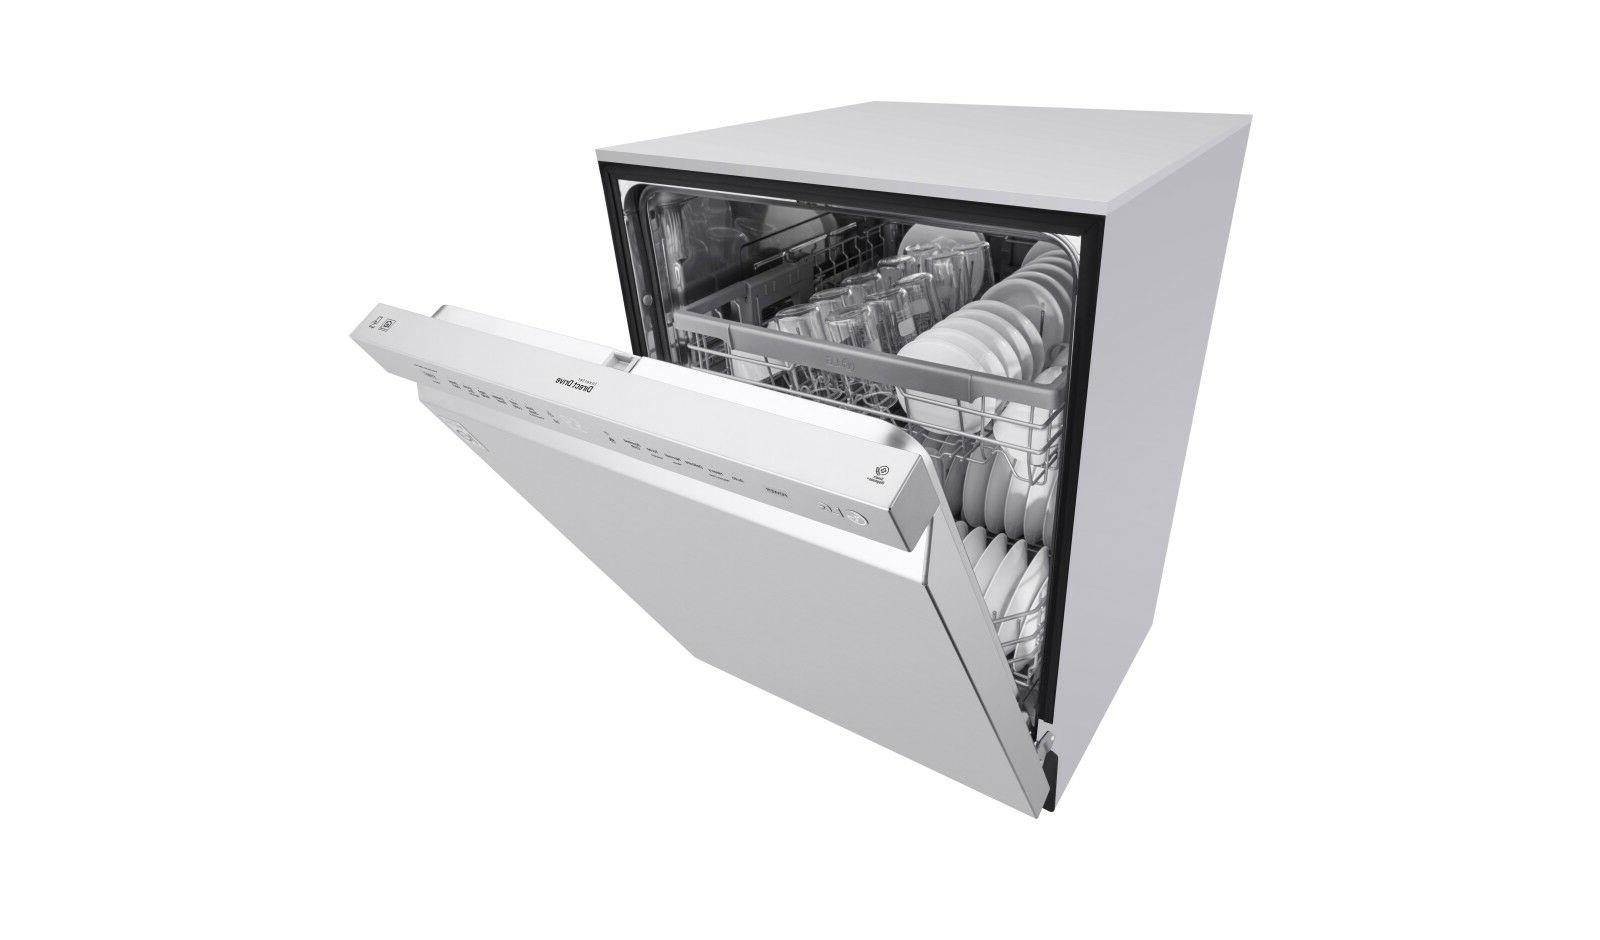 LG LDF5545ST Dishwasher Plus/NEW